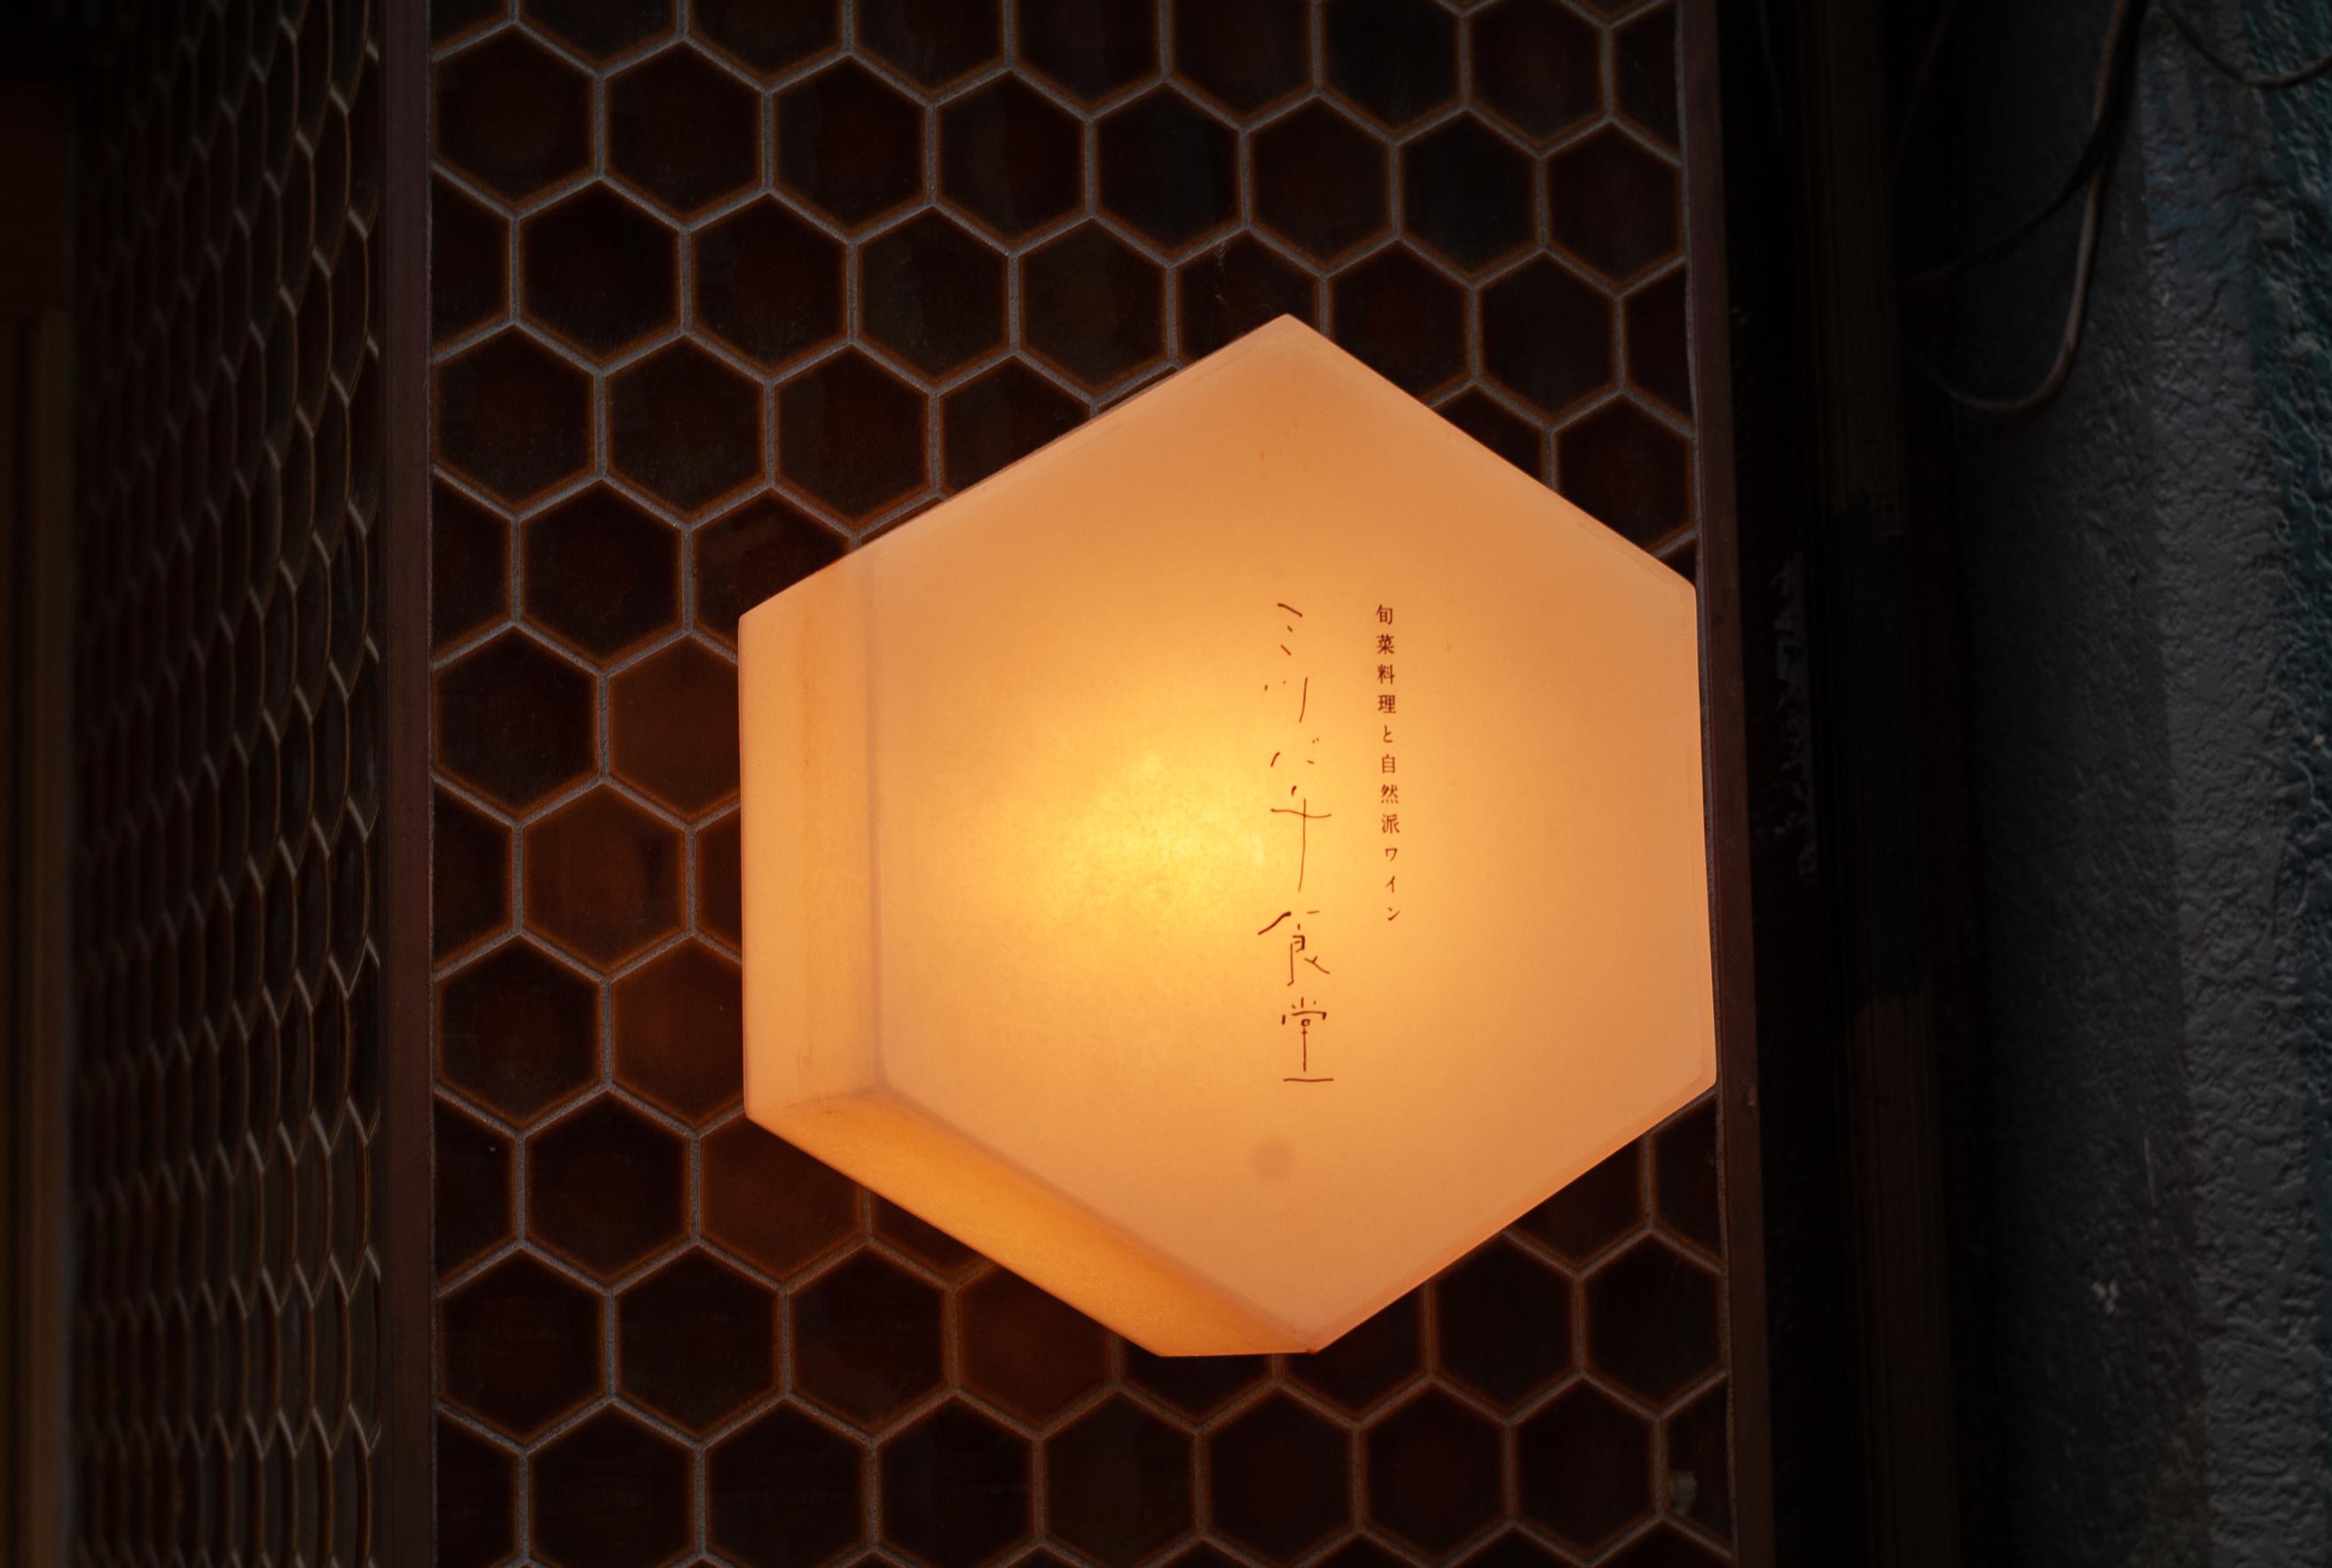 からだに優しい定食が絶品!岐阜の「ミツバチ食堂」で、地元で取れたお野菜と無農薬・無添加の食材を味わおう - L1001603 2